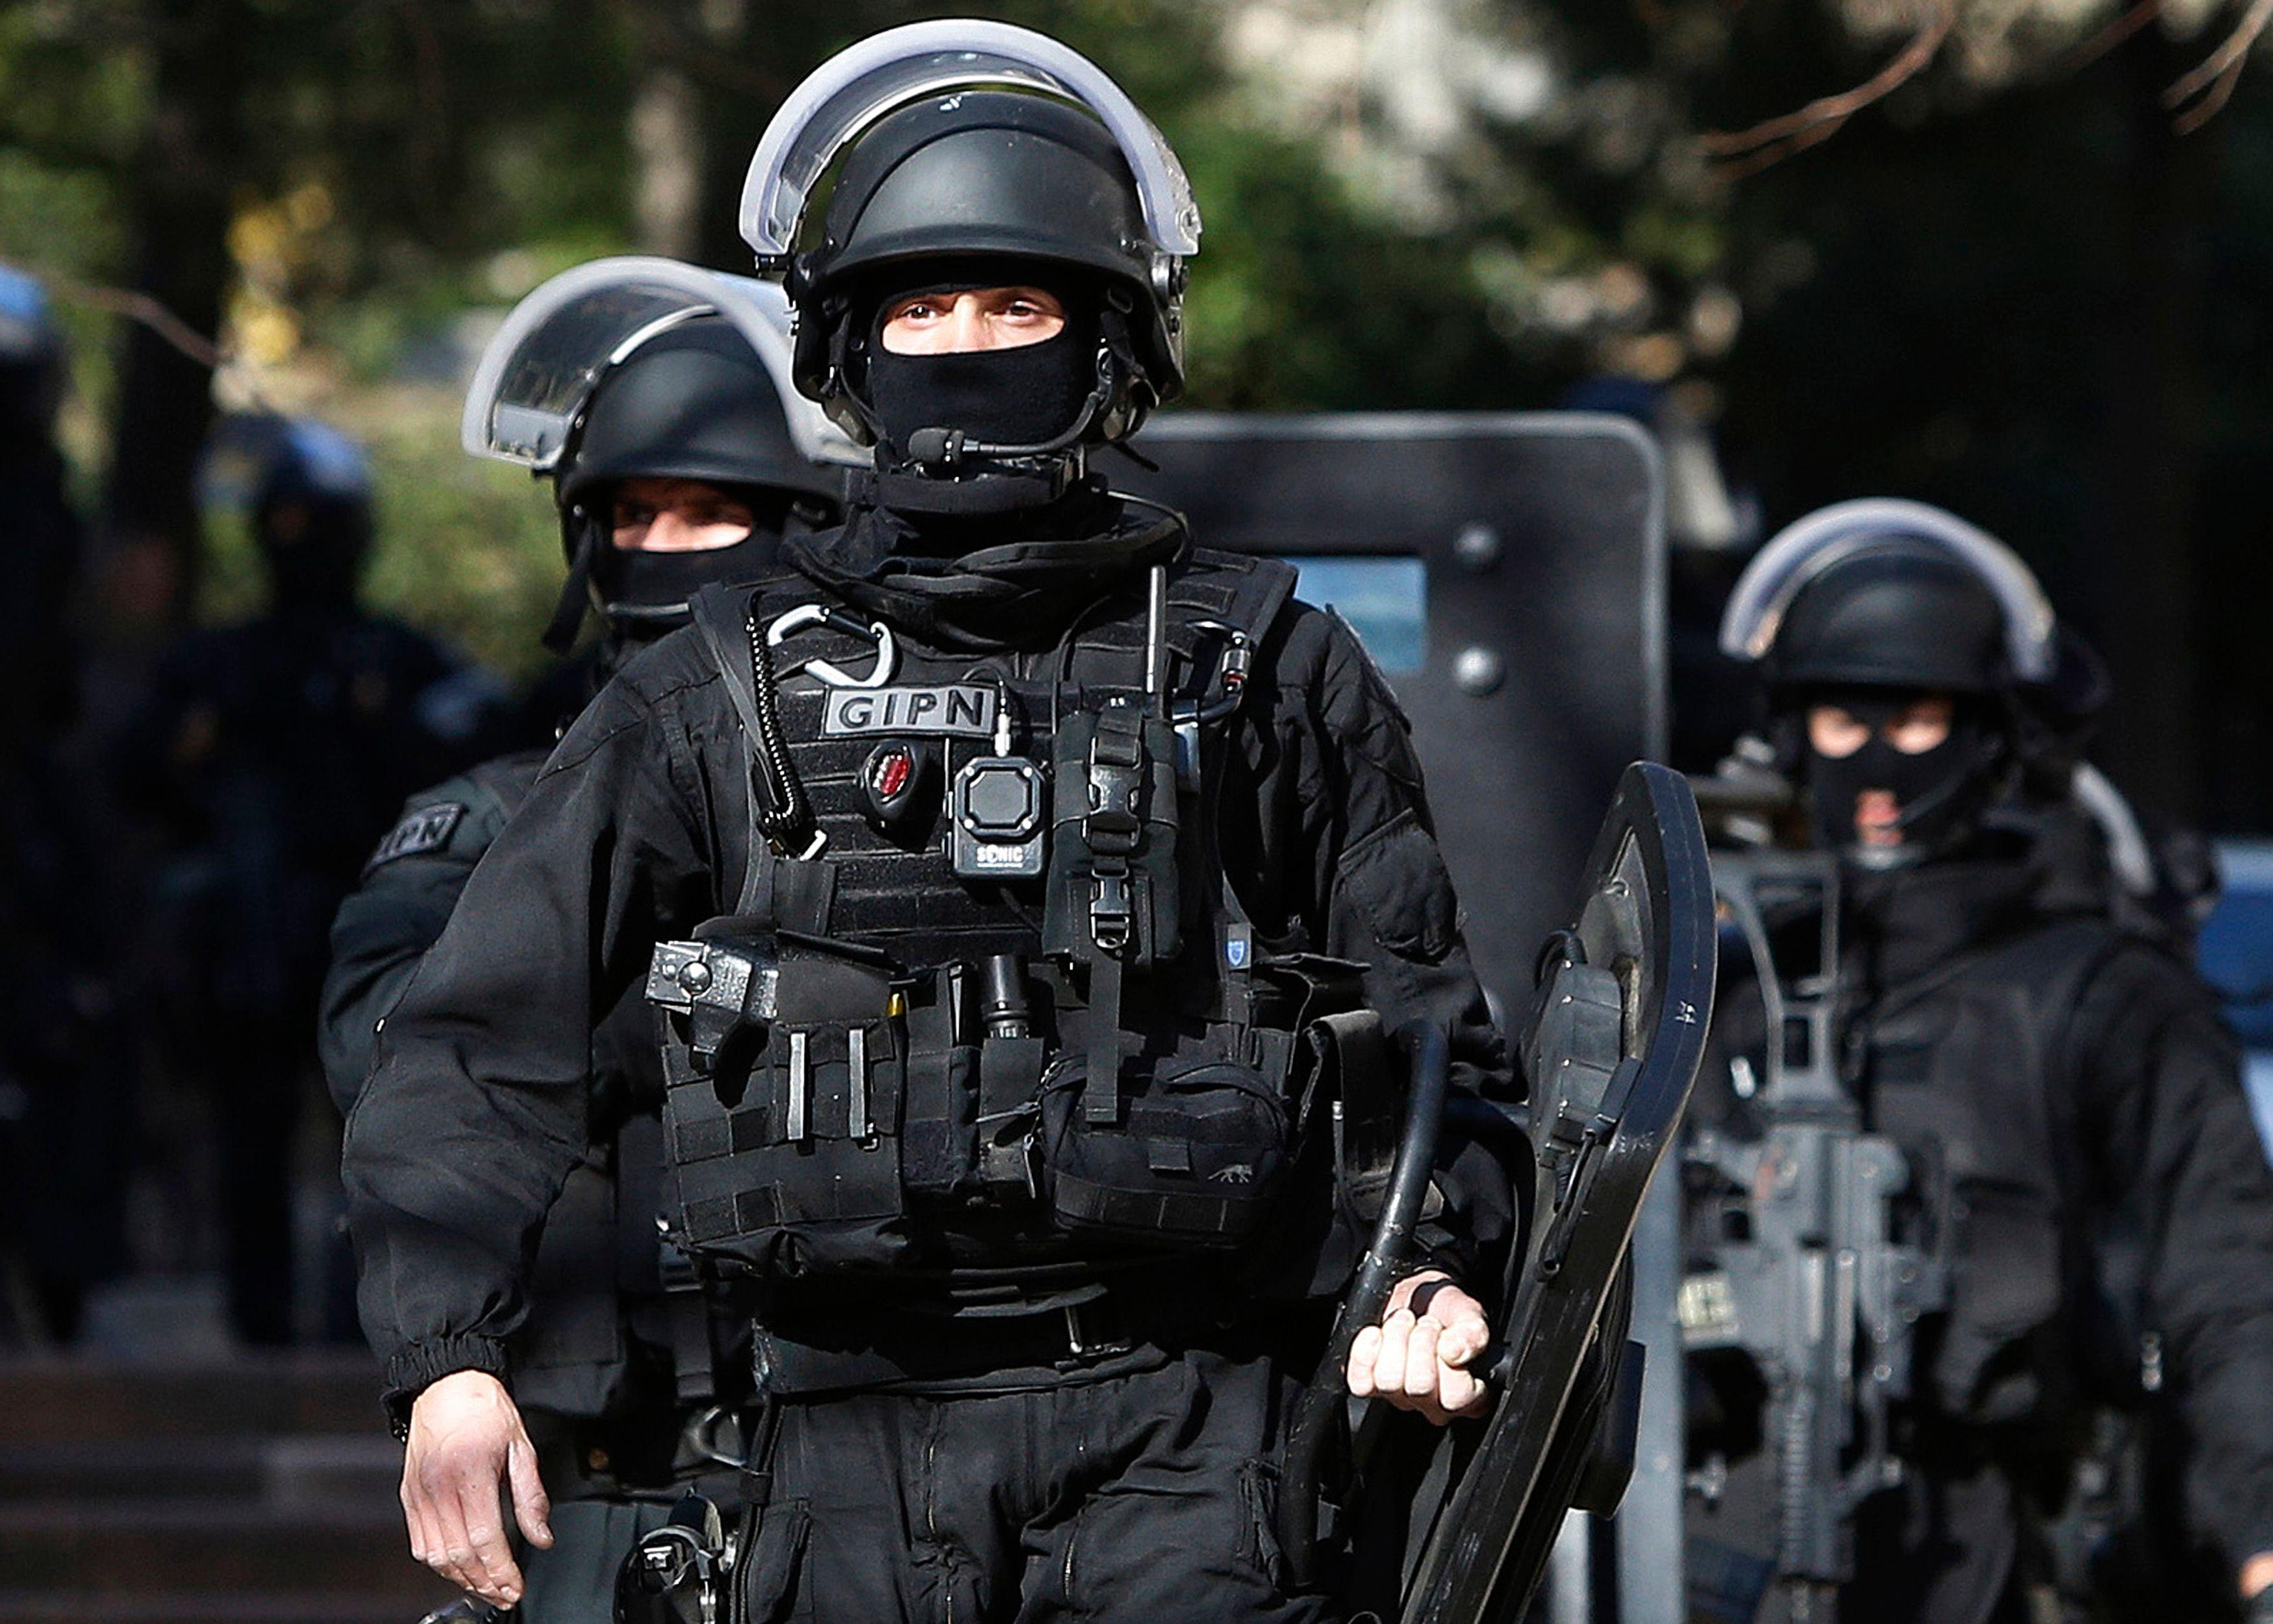 Attentat manqué à Villejuif : un complice présumé de Sid Ahmed Ghlam mis en examen